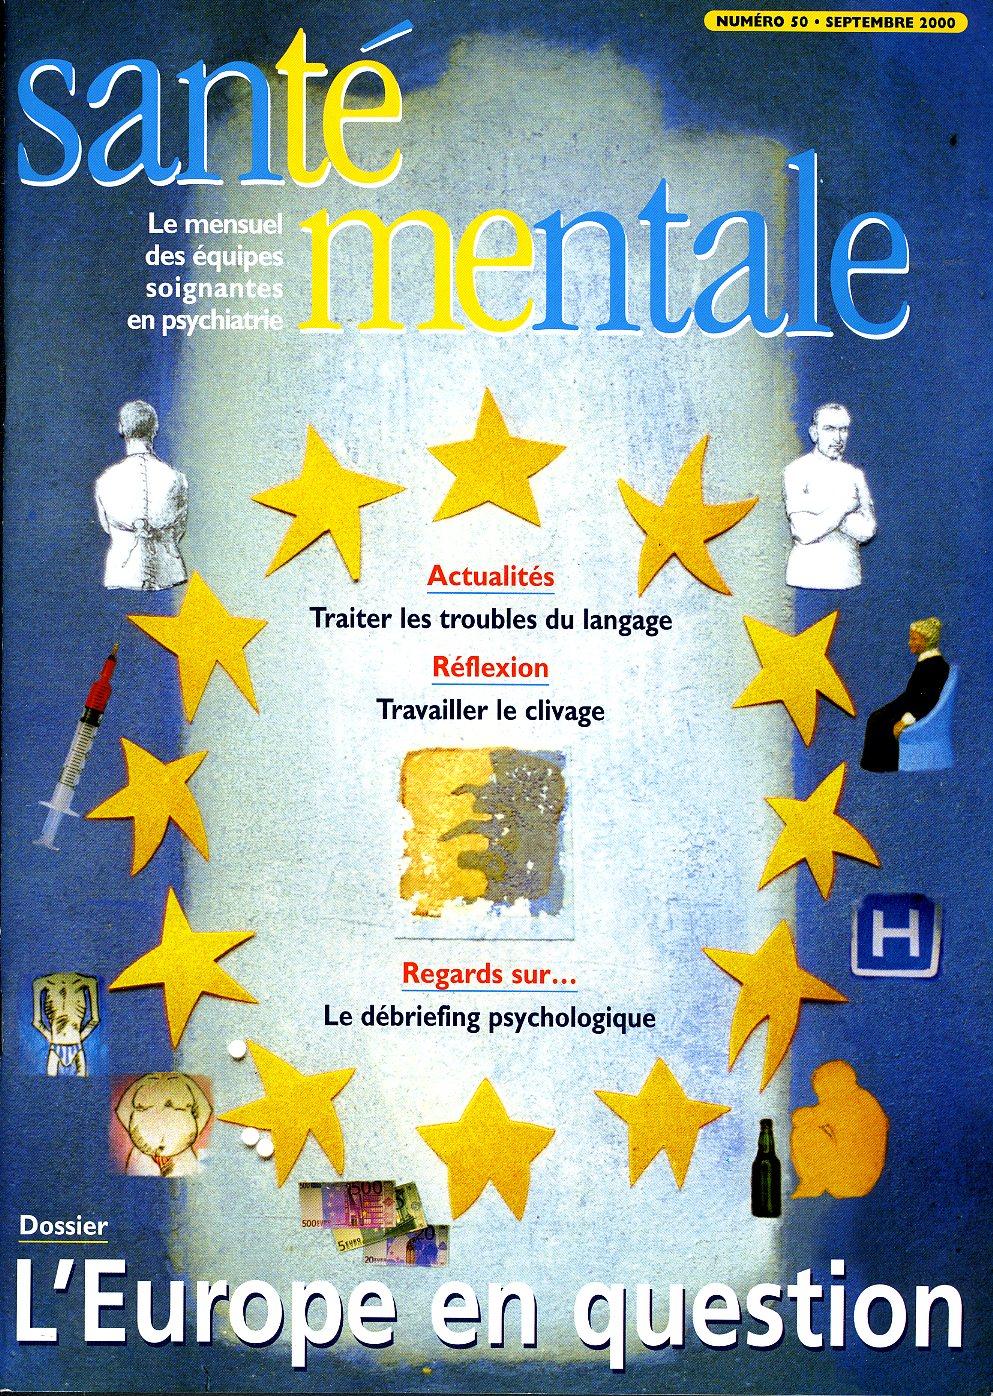 Couverture N°50 septembre 2000